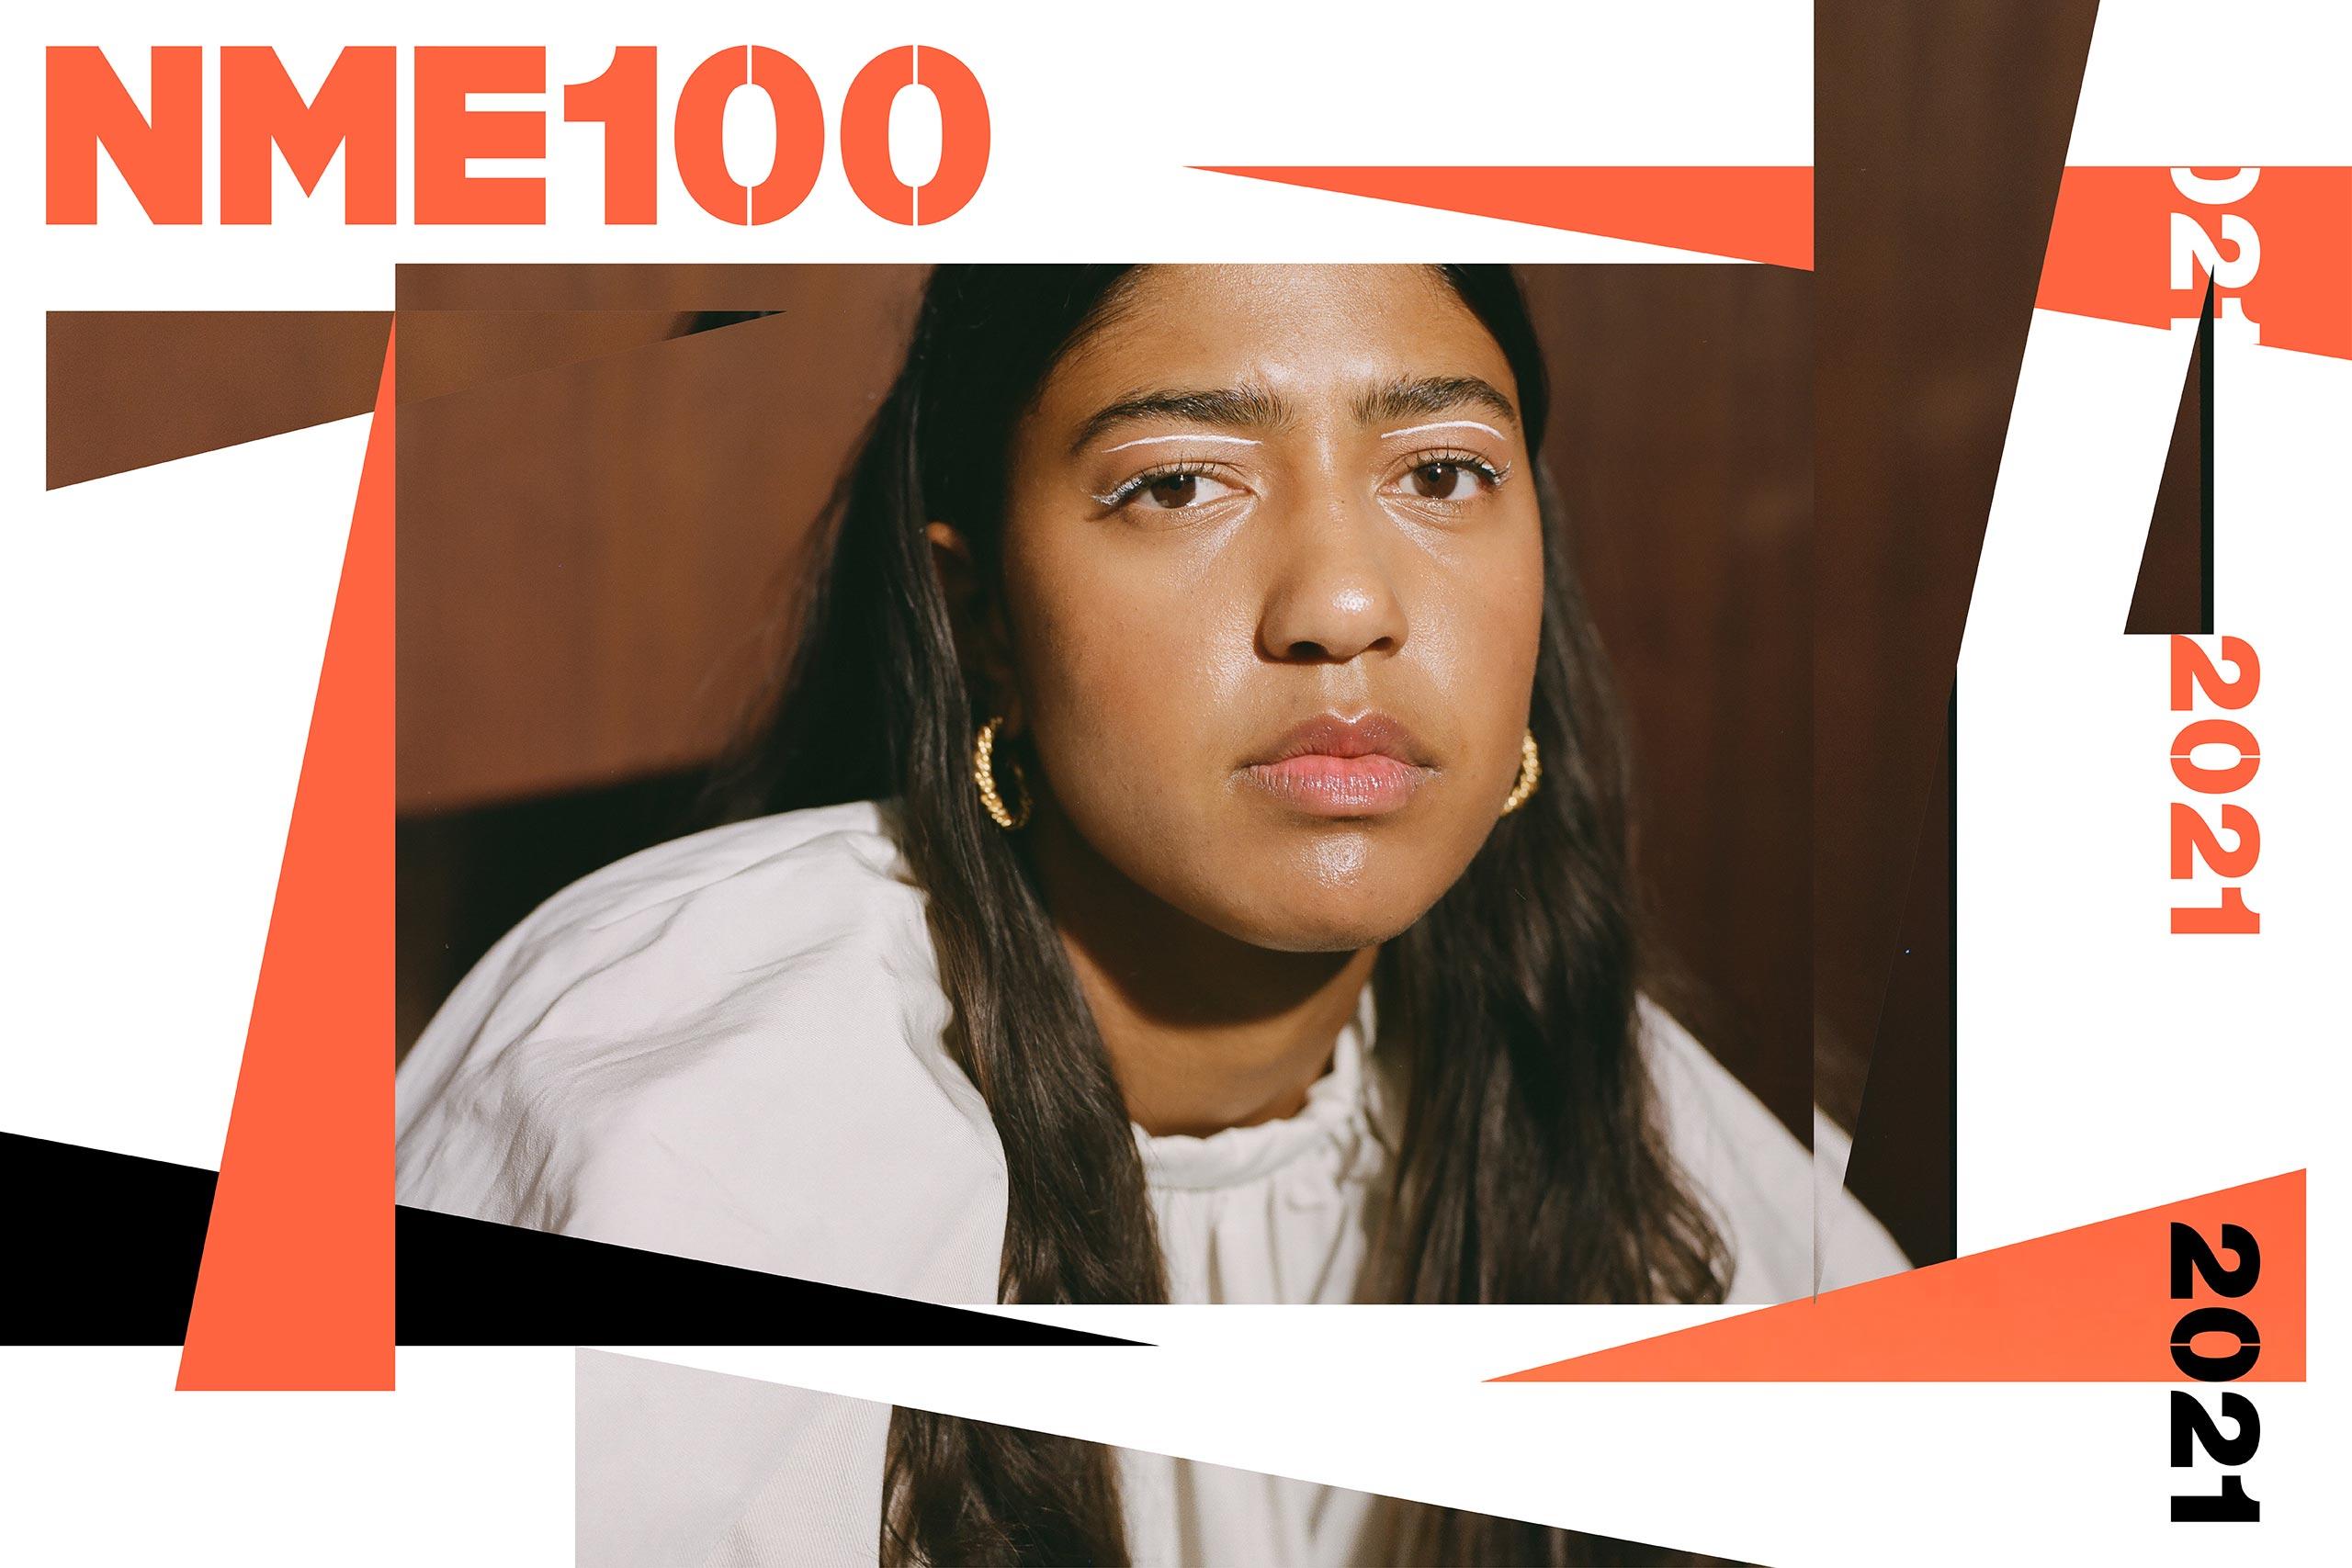 NME 100 hope tala